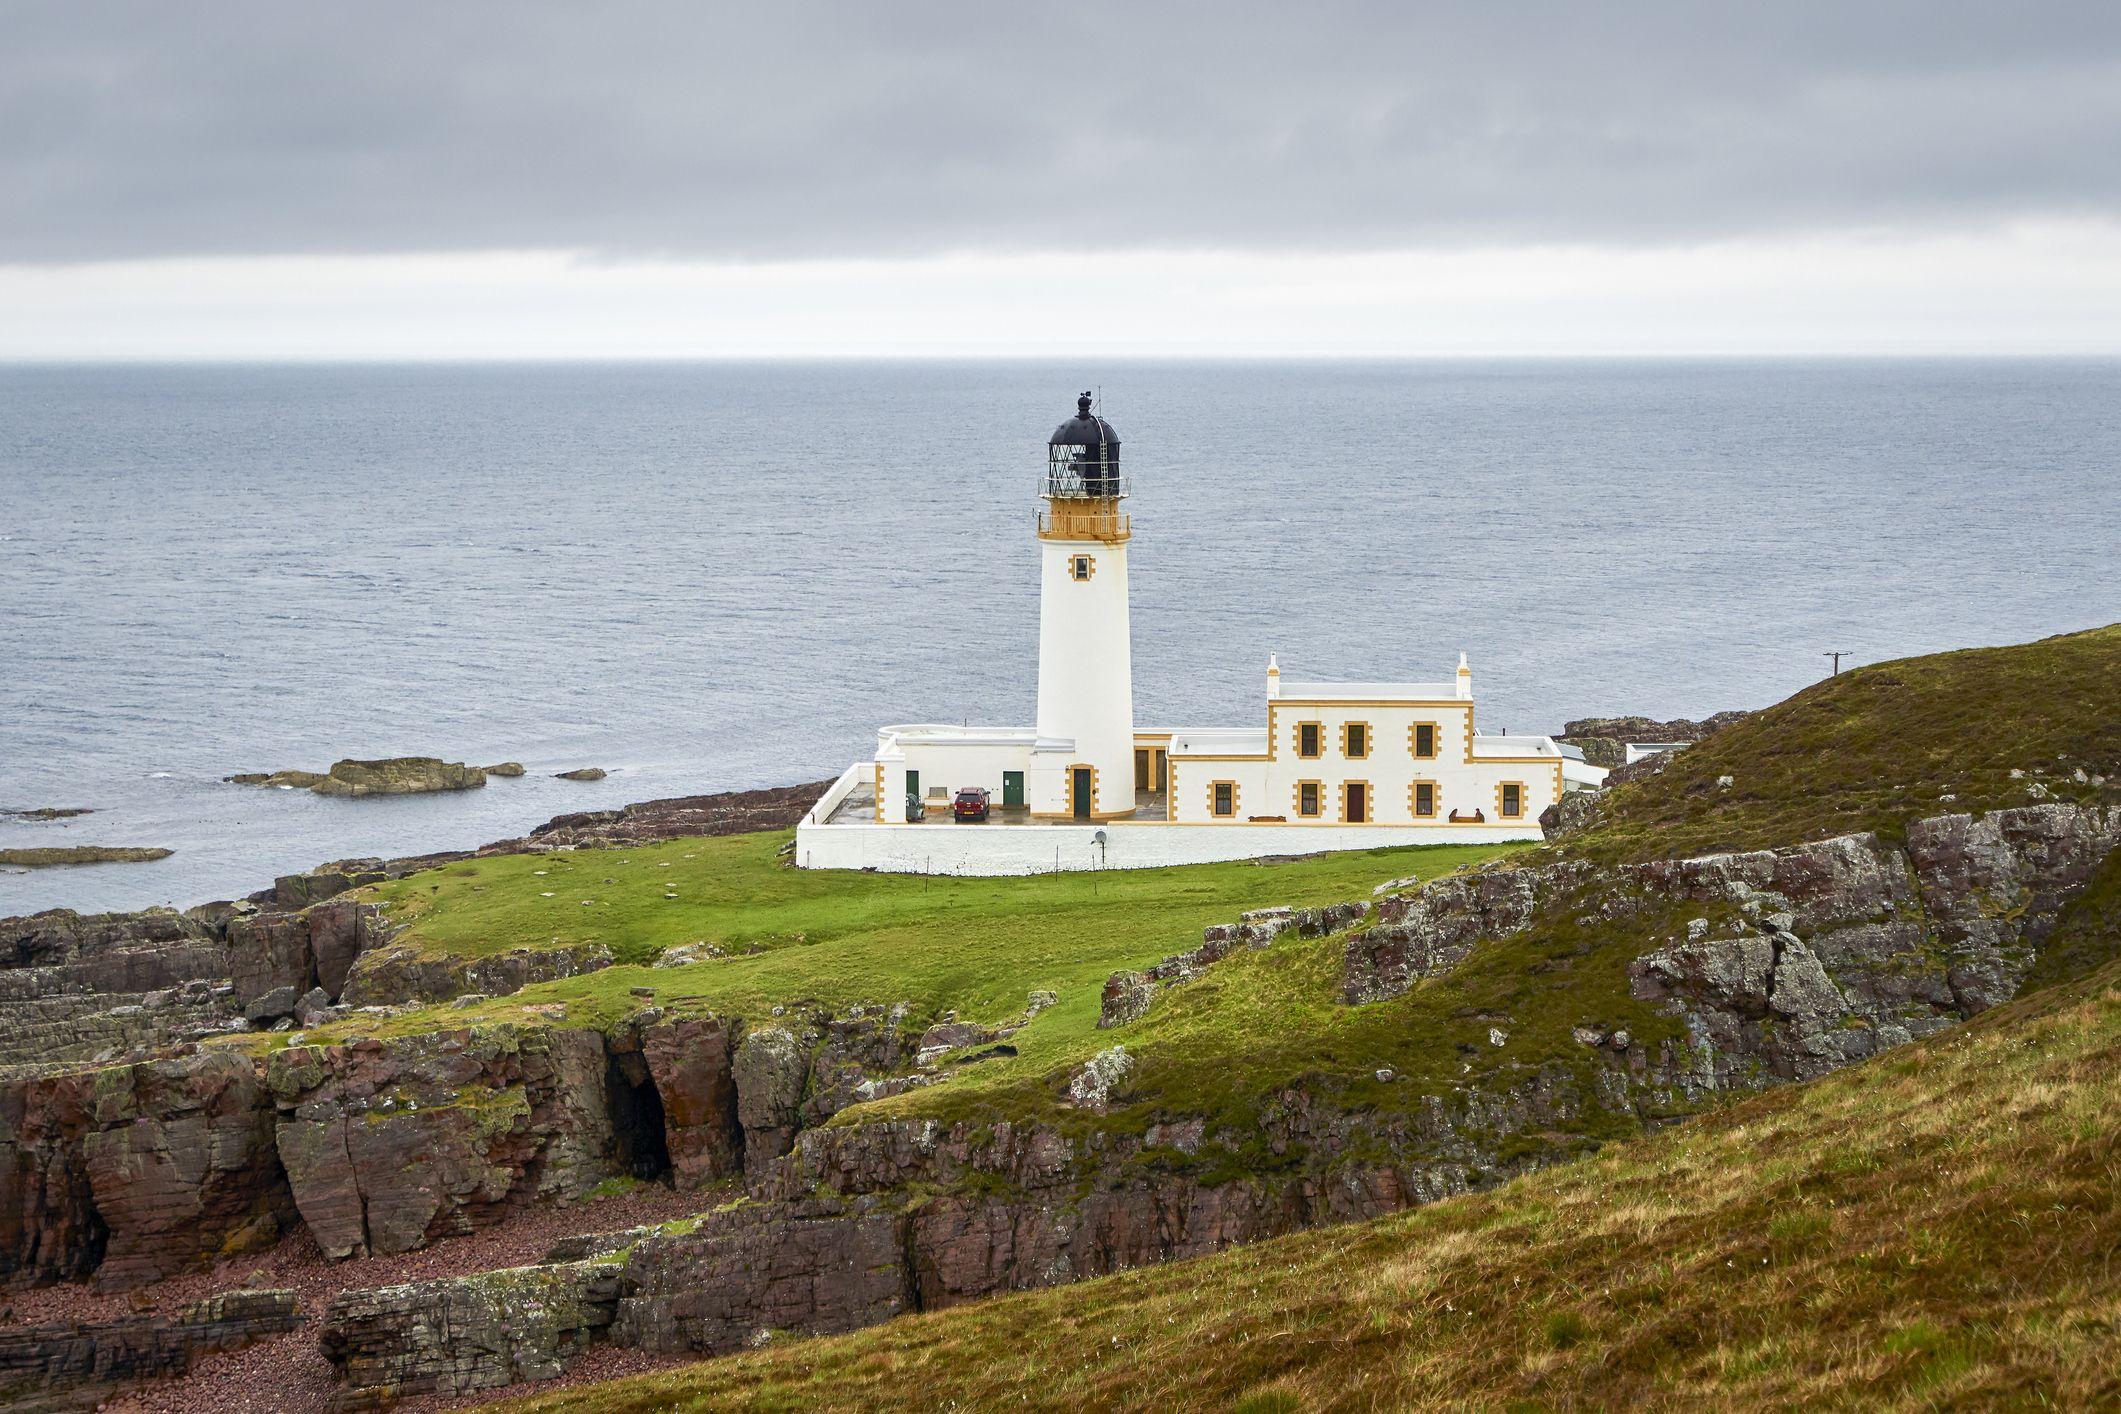 United Kingdom, Scotland, Highland, Wester Ross, Gairloch, Melvaig, Rua Reidh Lighthouse